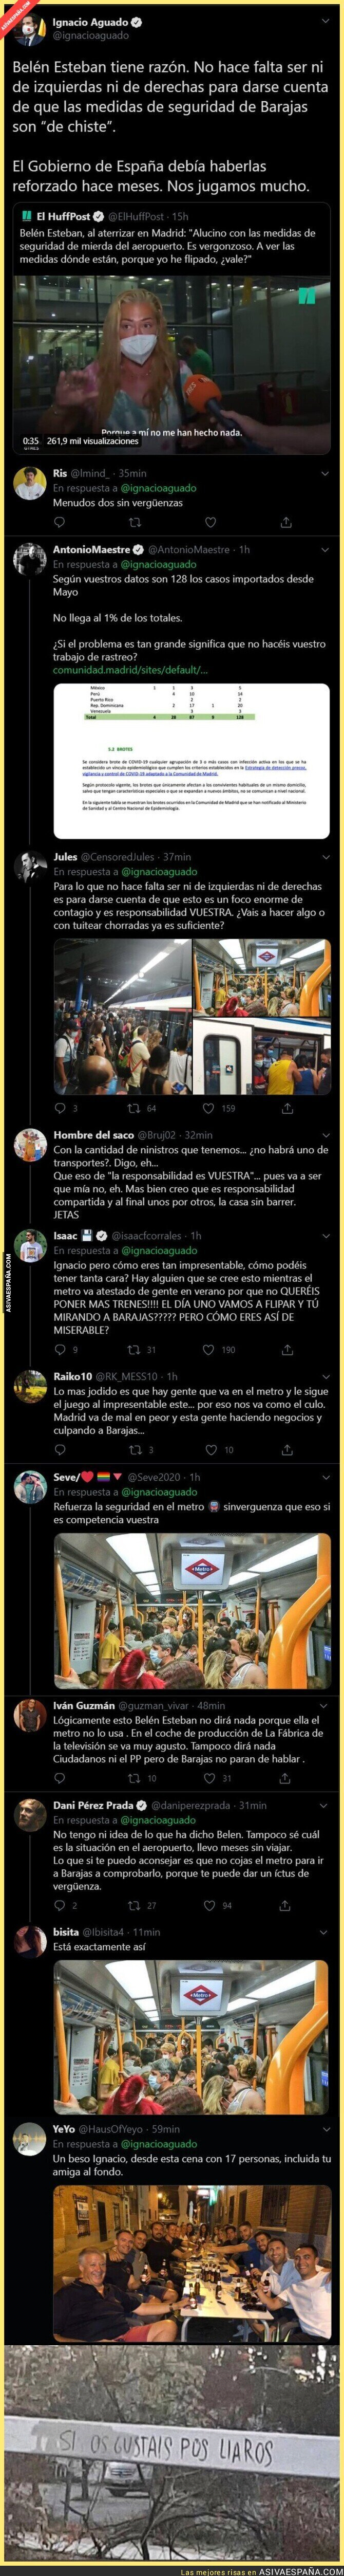 339092 - Ignacio Aguado carga contra el Gobierno aprovechando las quejas de Belén Esteban que no hay medidas de seguridad en Barajas y se lía pardísima